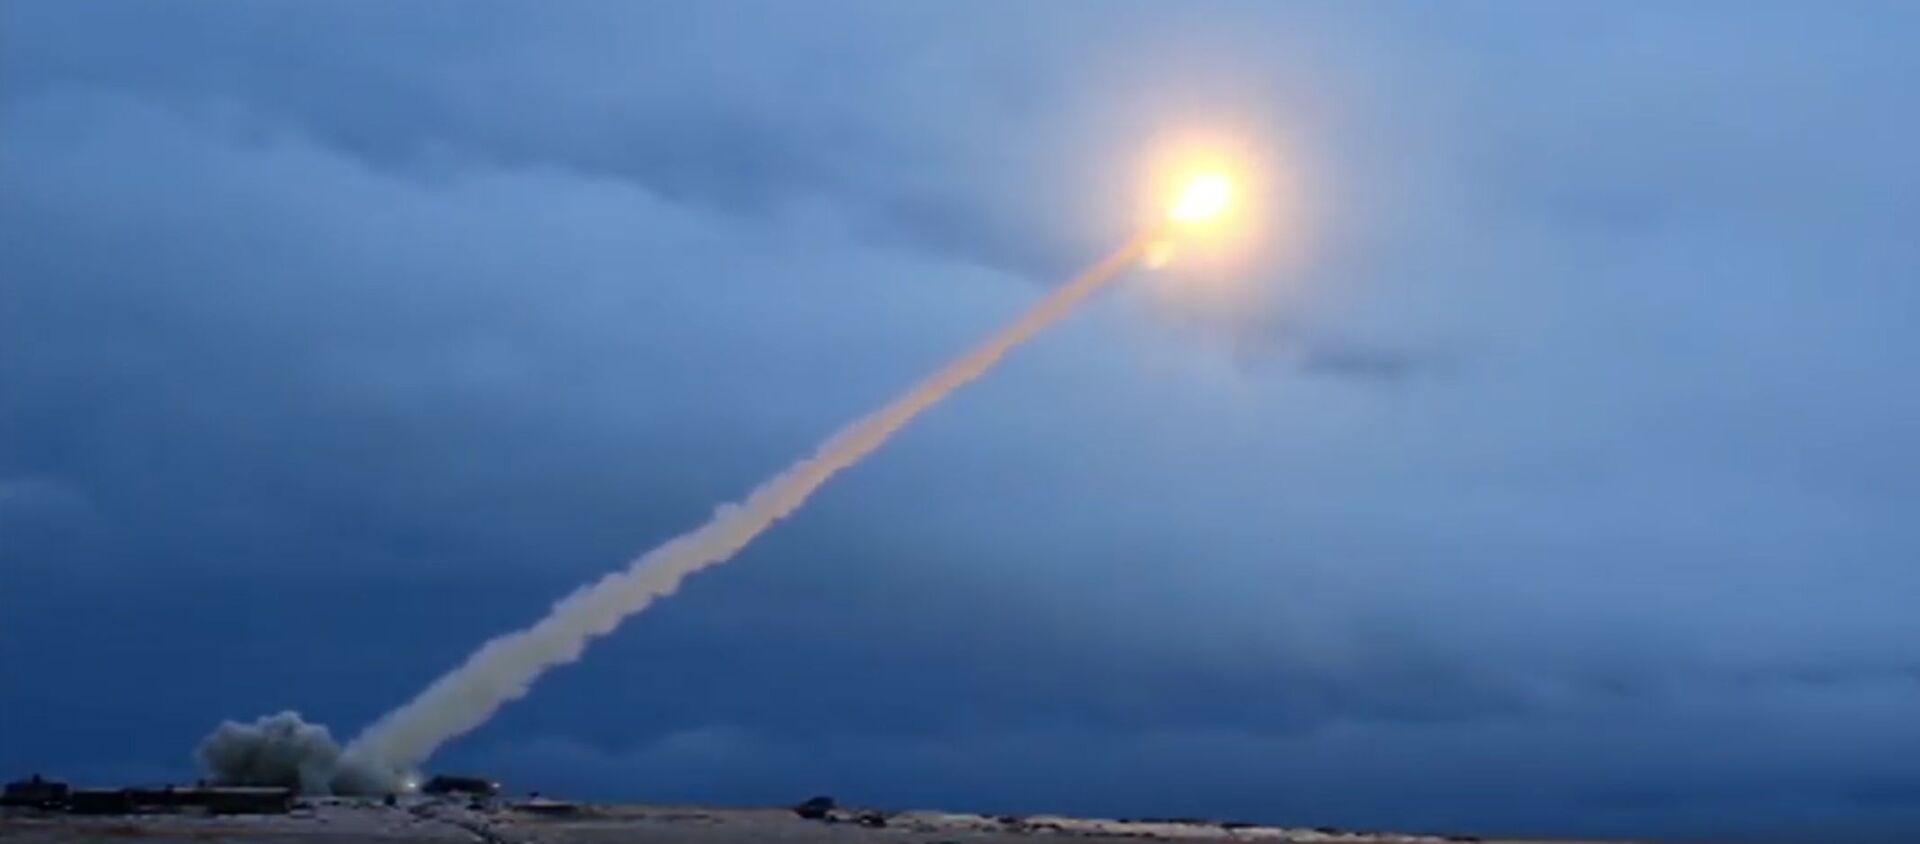 Испытания крылатой ракеты с ядерным двигателем «Буревестник» - Sputnik Беларусь, 1920, 19.03.2021